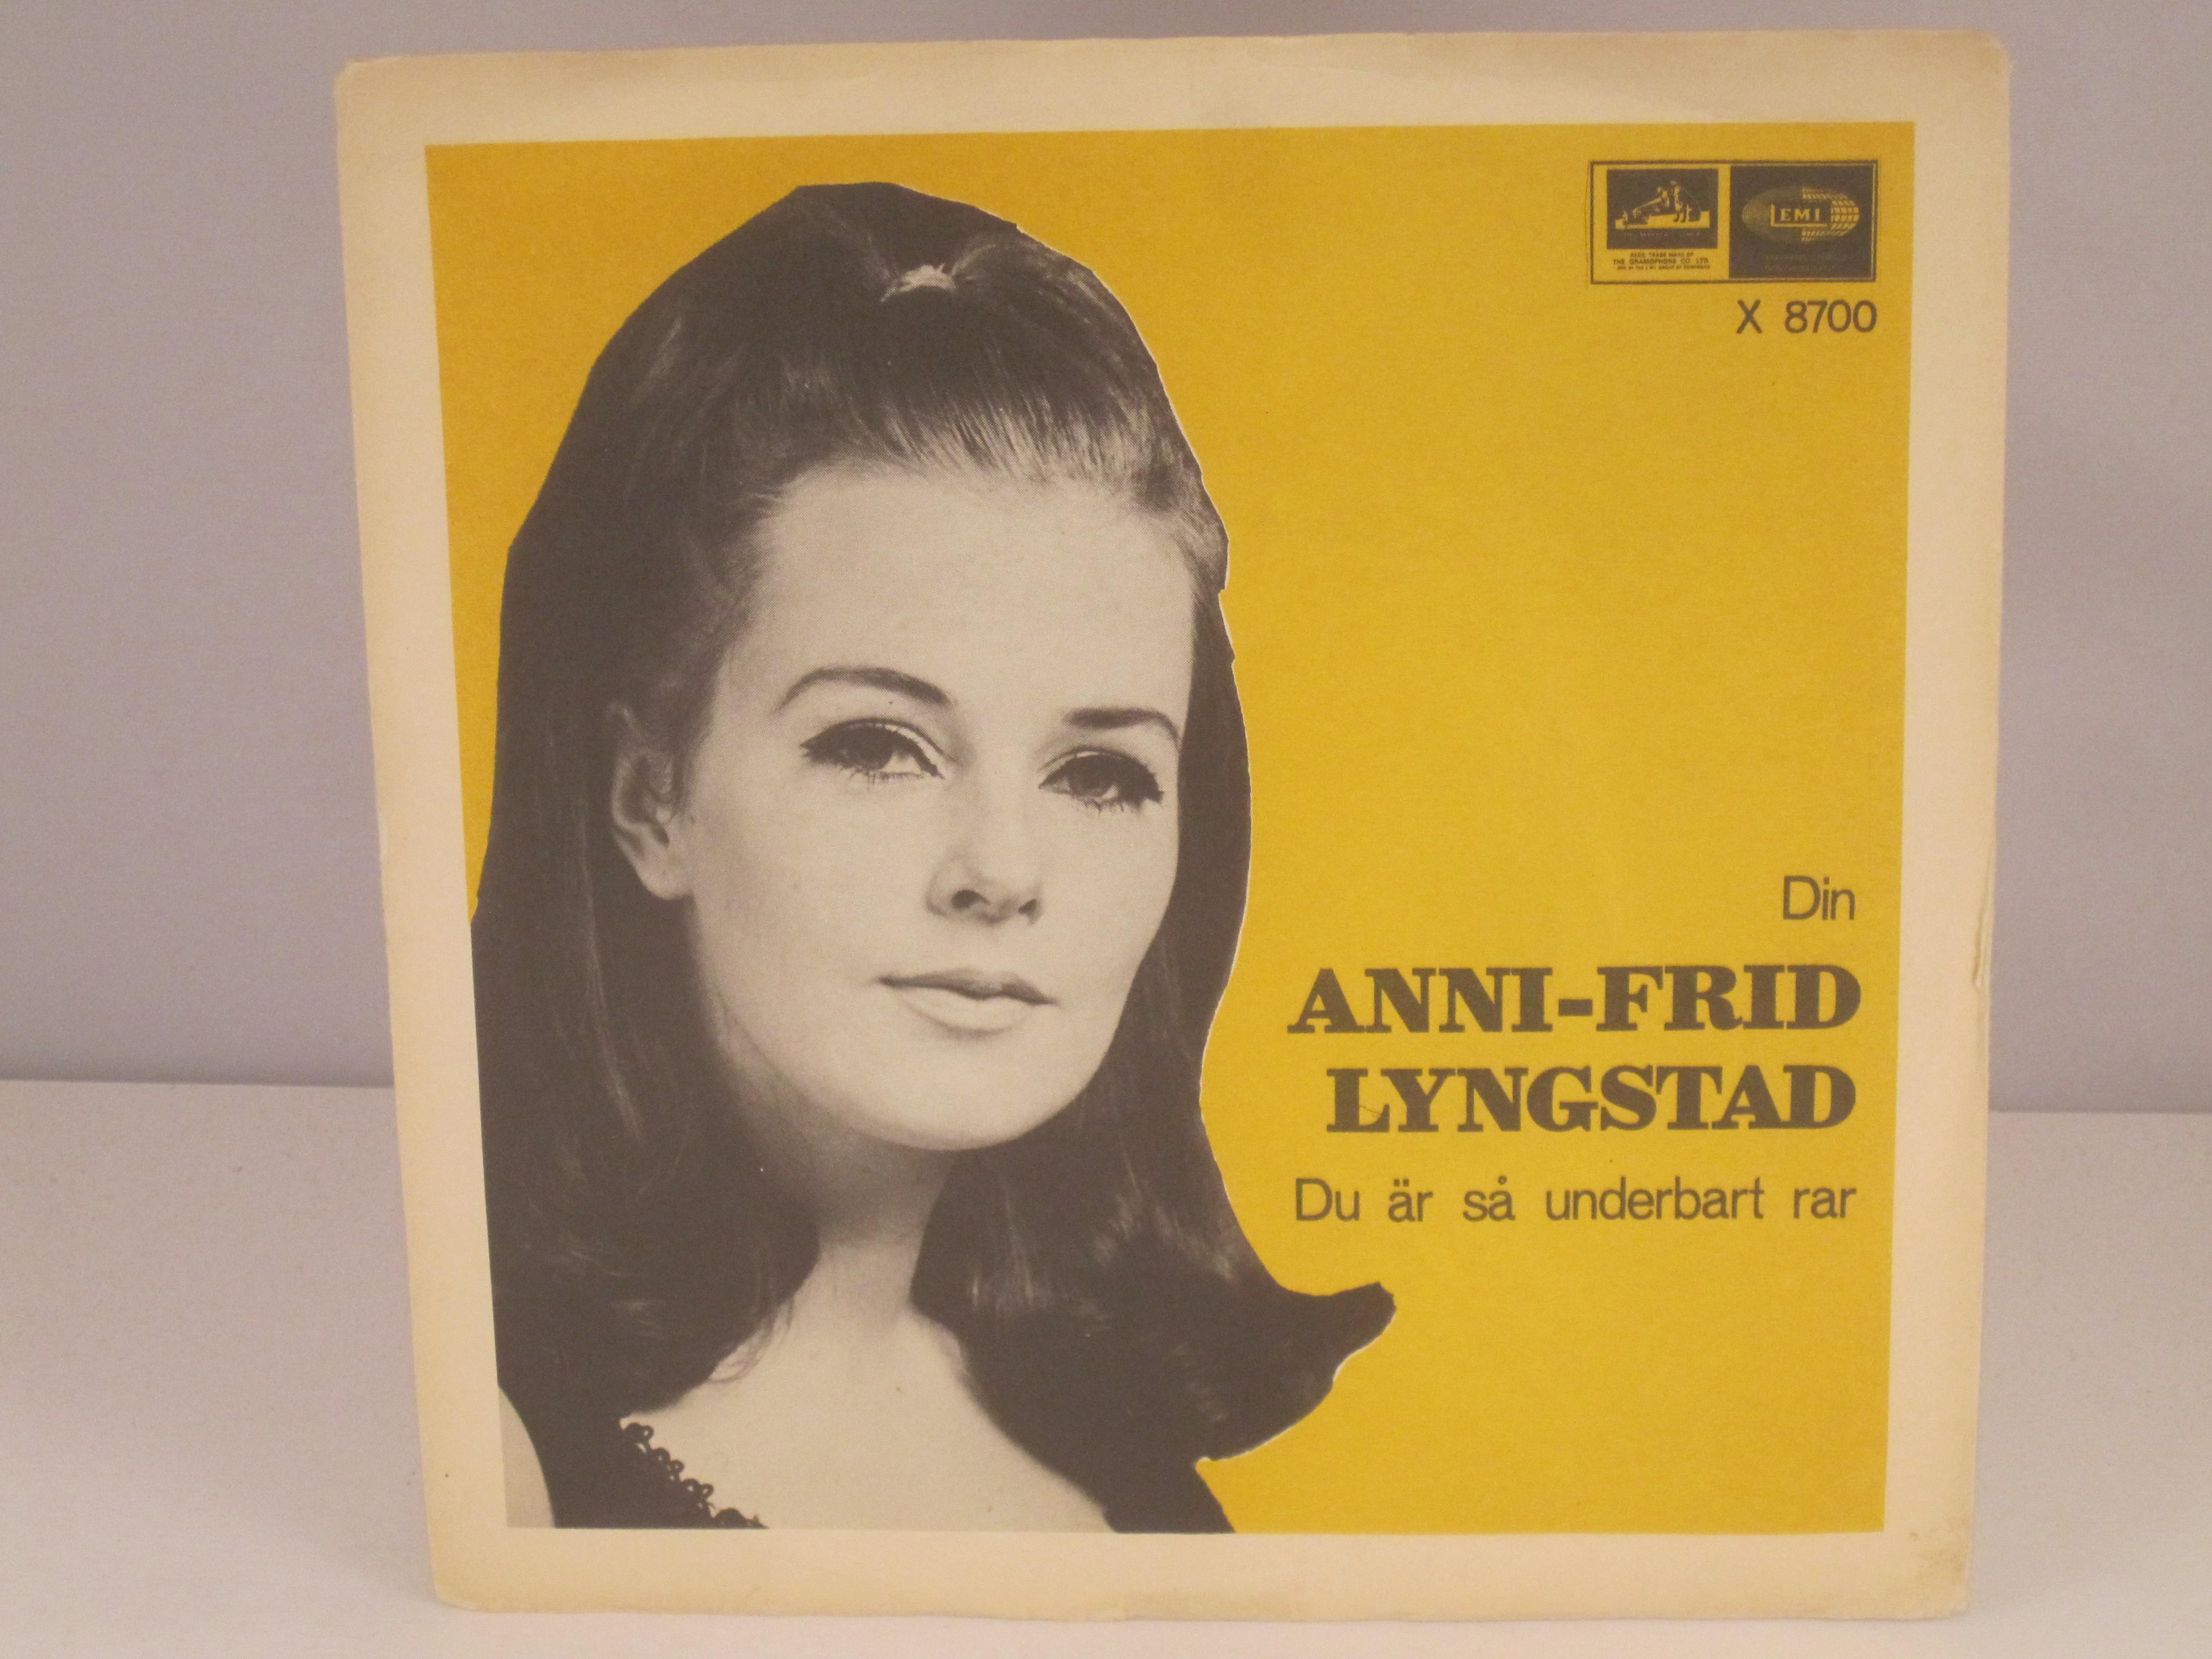 ANNI-FRID LYNGSTAD : Din / Du är så underbart rar